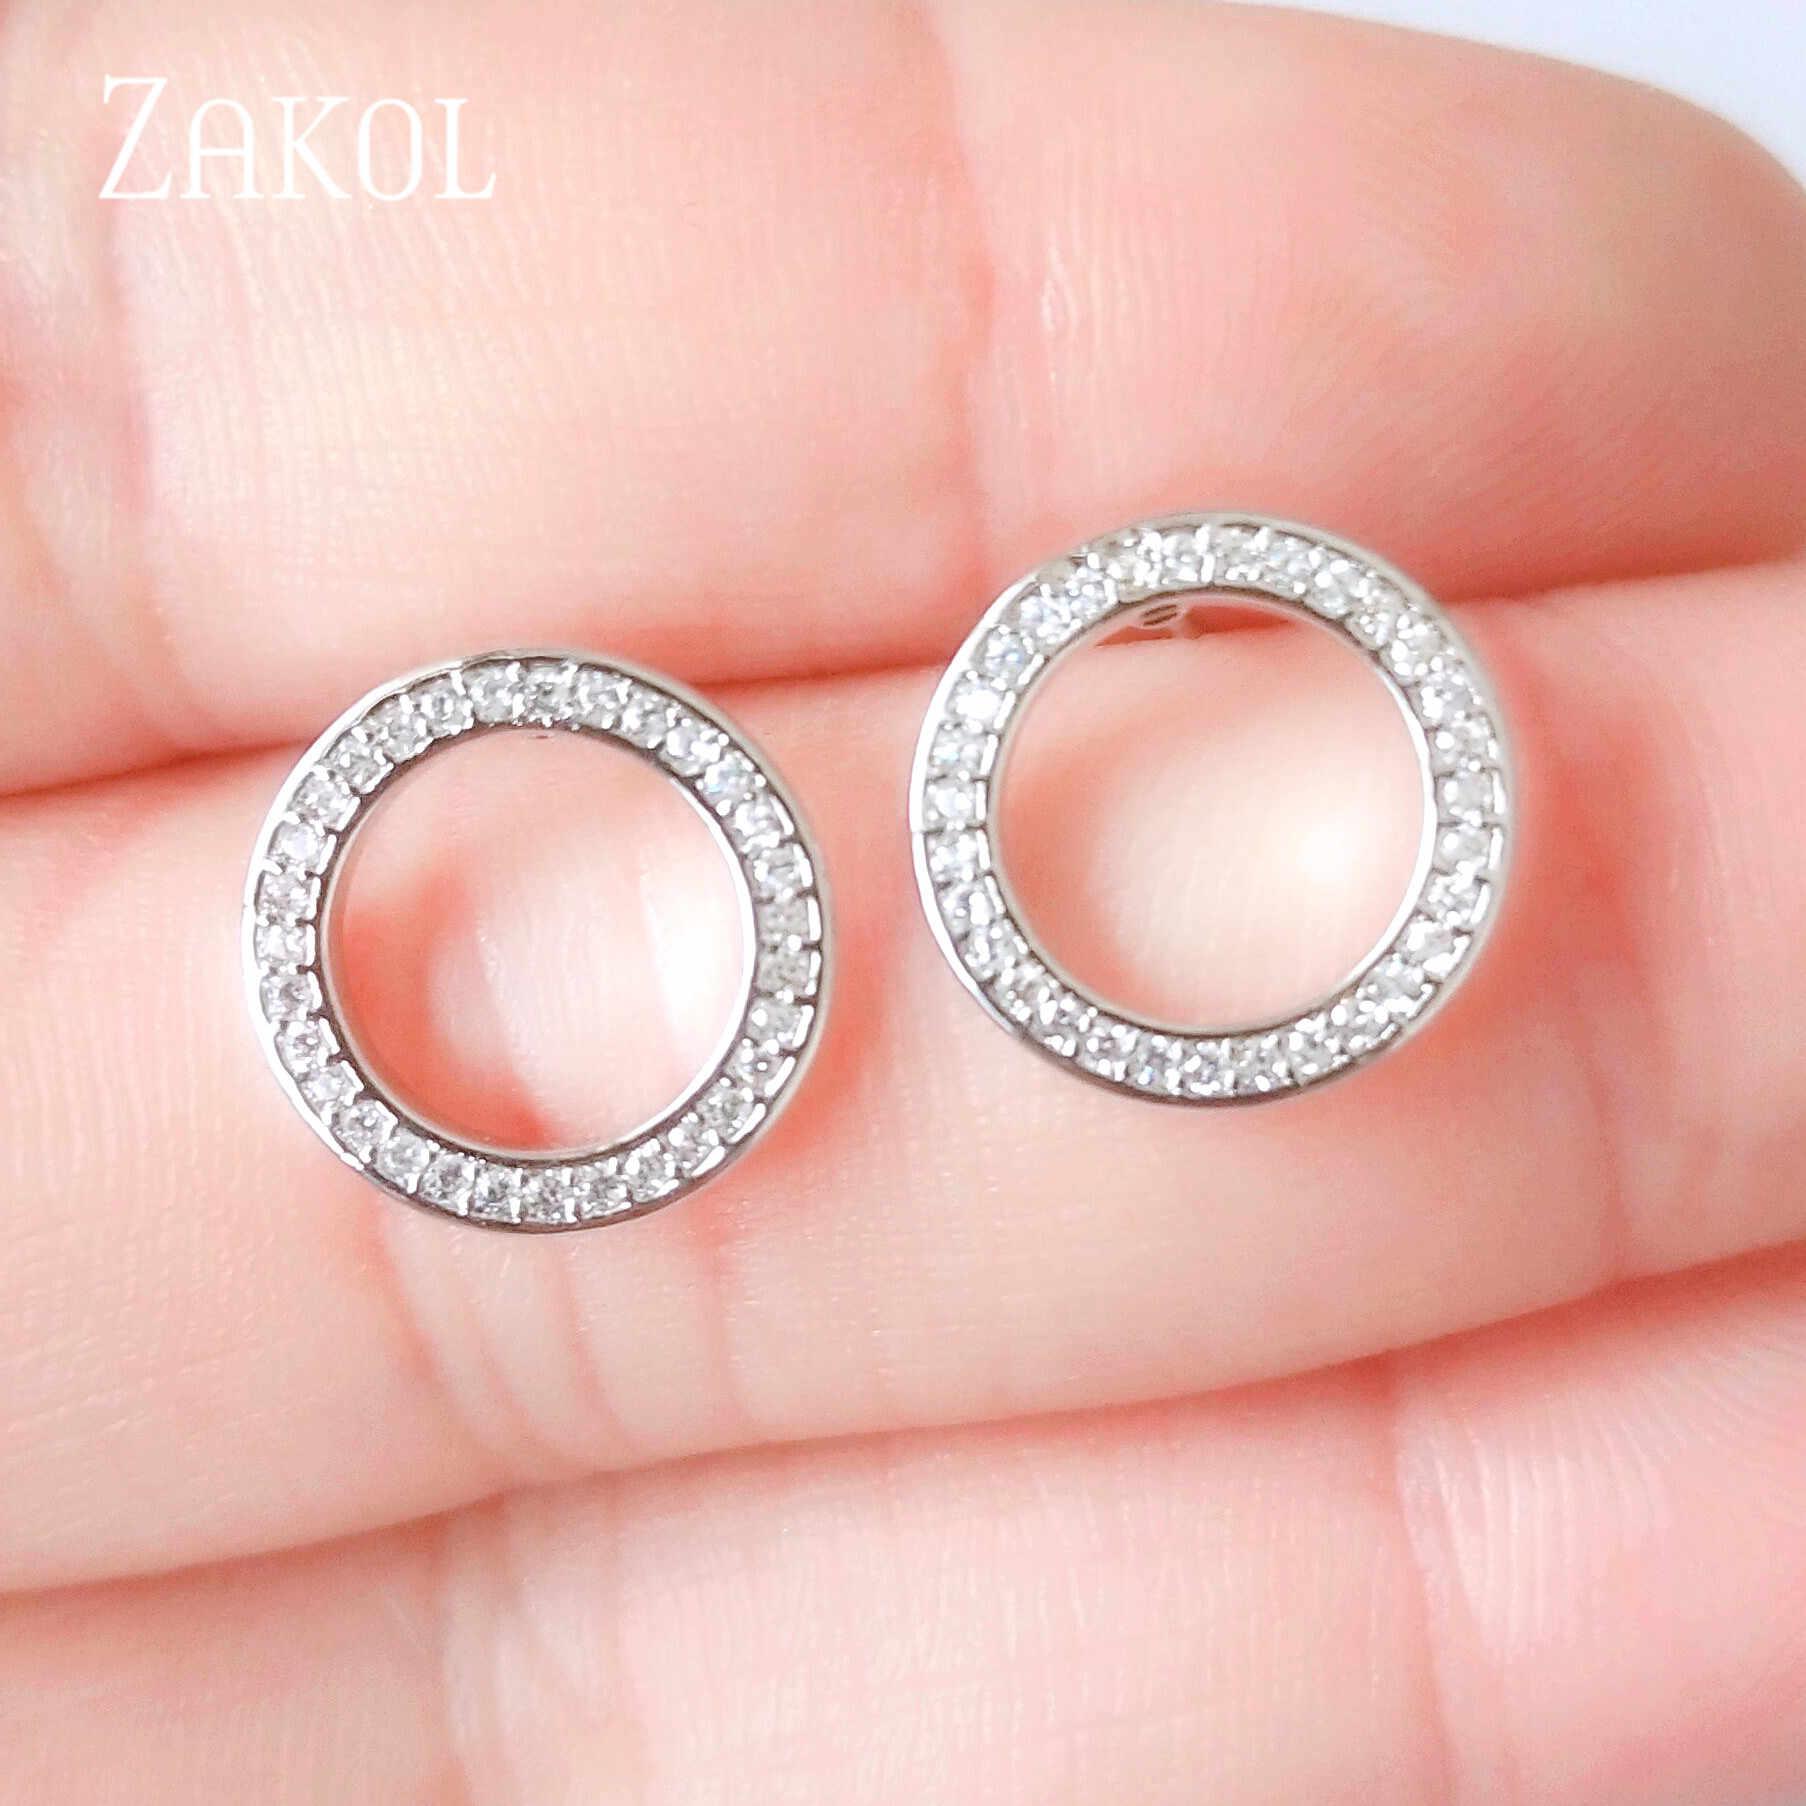 ZAKOL Casual wysokiej jakości cyrkonia okrągłe koło stadniny kolczyki dla kobiet wesele kolacja Party biżuteria FSEP2285